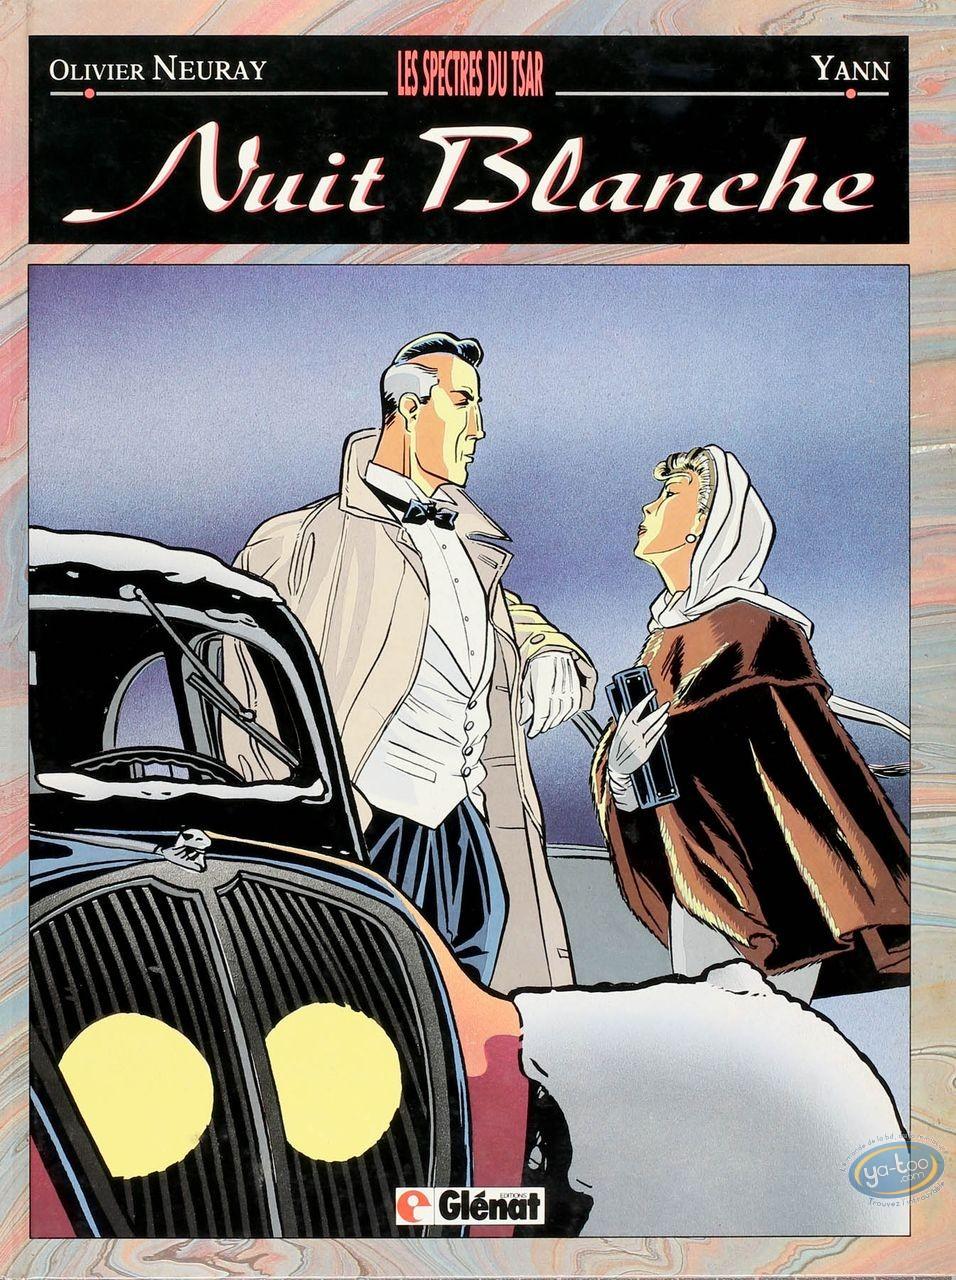 BD cotée, Nuit Blanche : Nuit Blanche, Les Spectres du Tsar